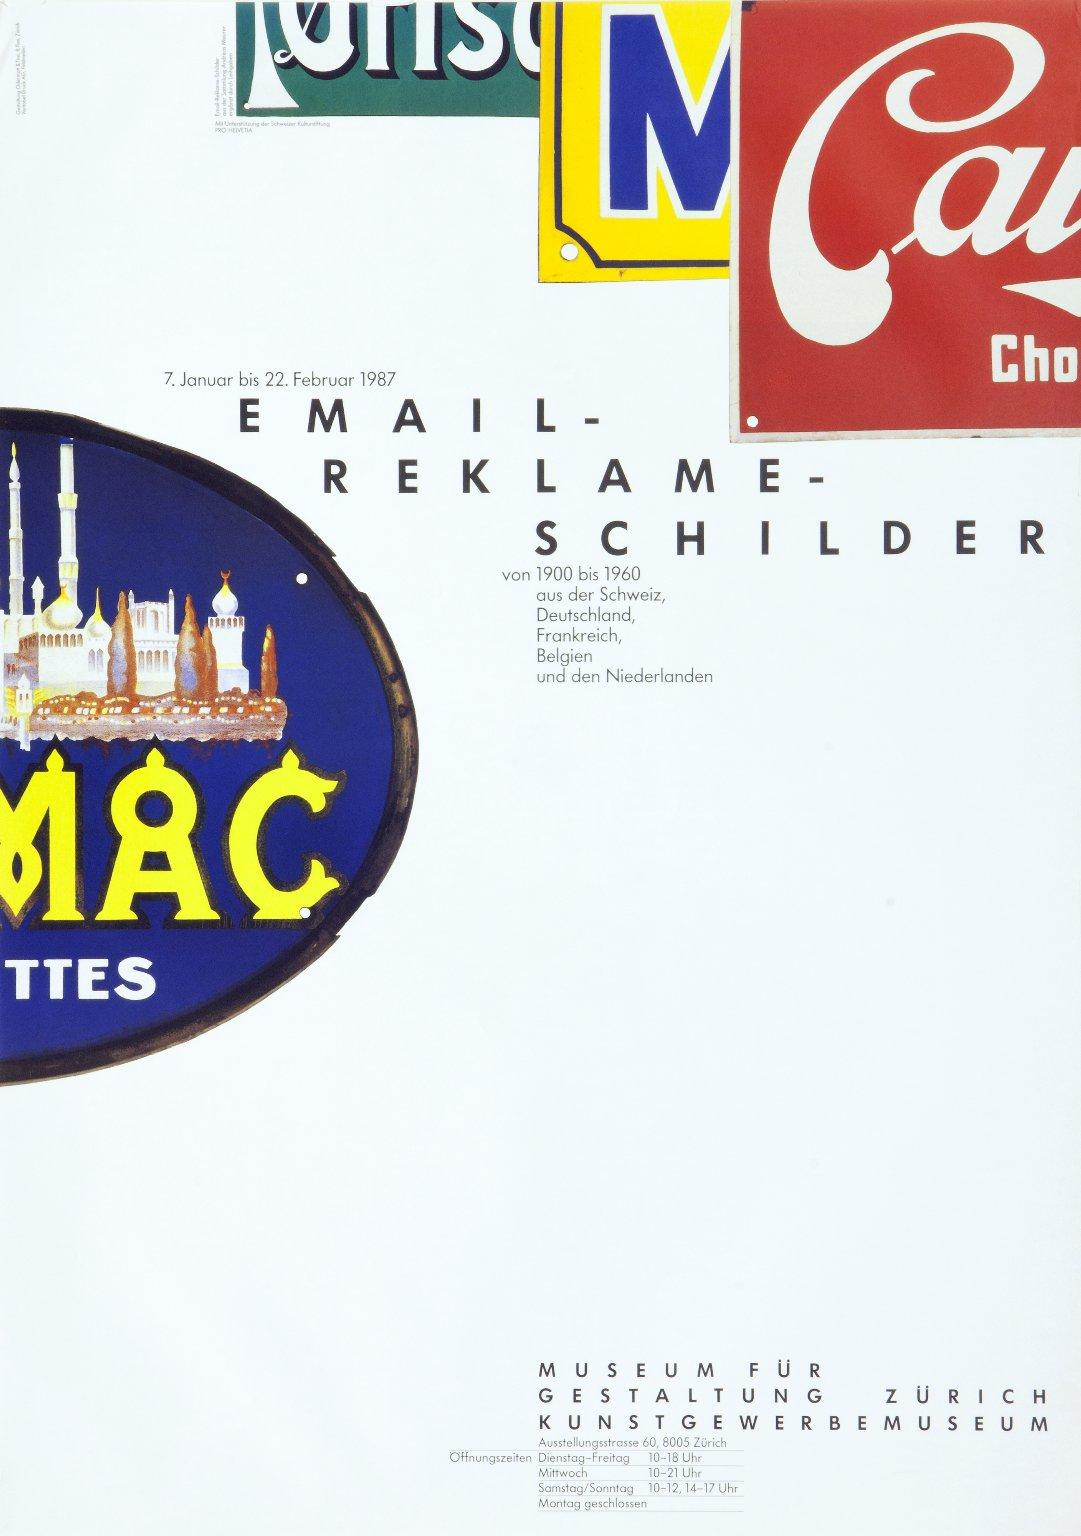 Email-Reklame-Schilder